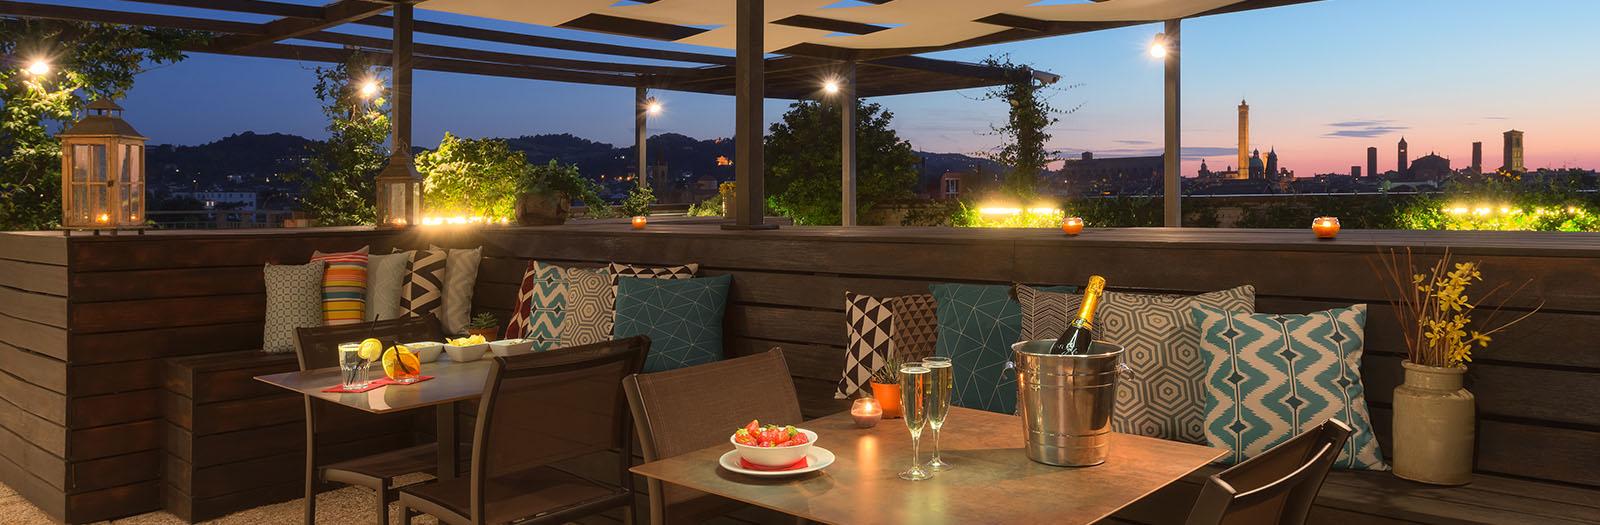 Hotel bologna centro storico scopri aemilia hotel 4 stelle for Hotel 4 stelle barcellona centro